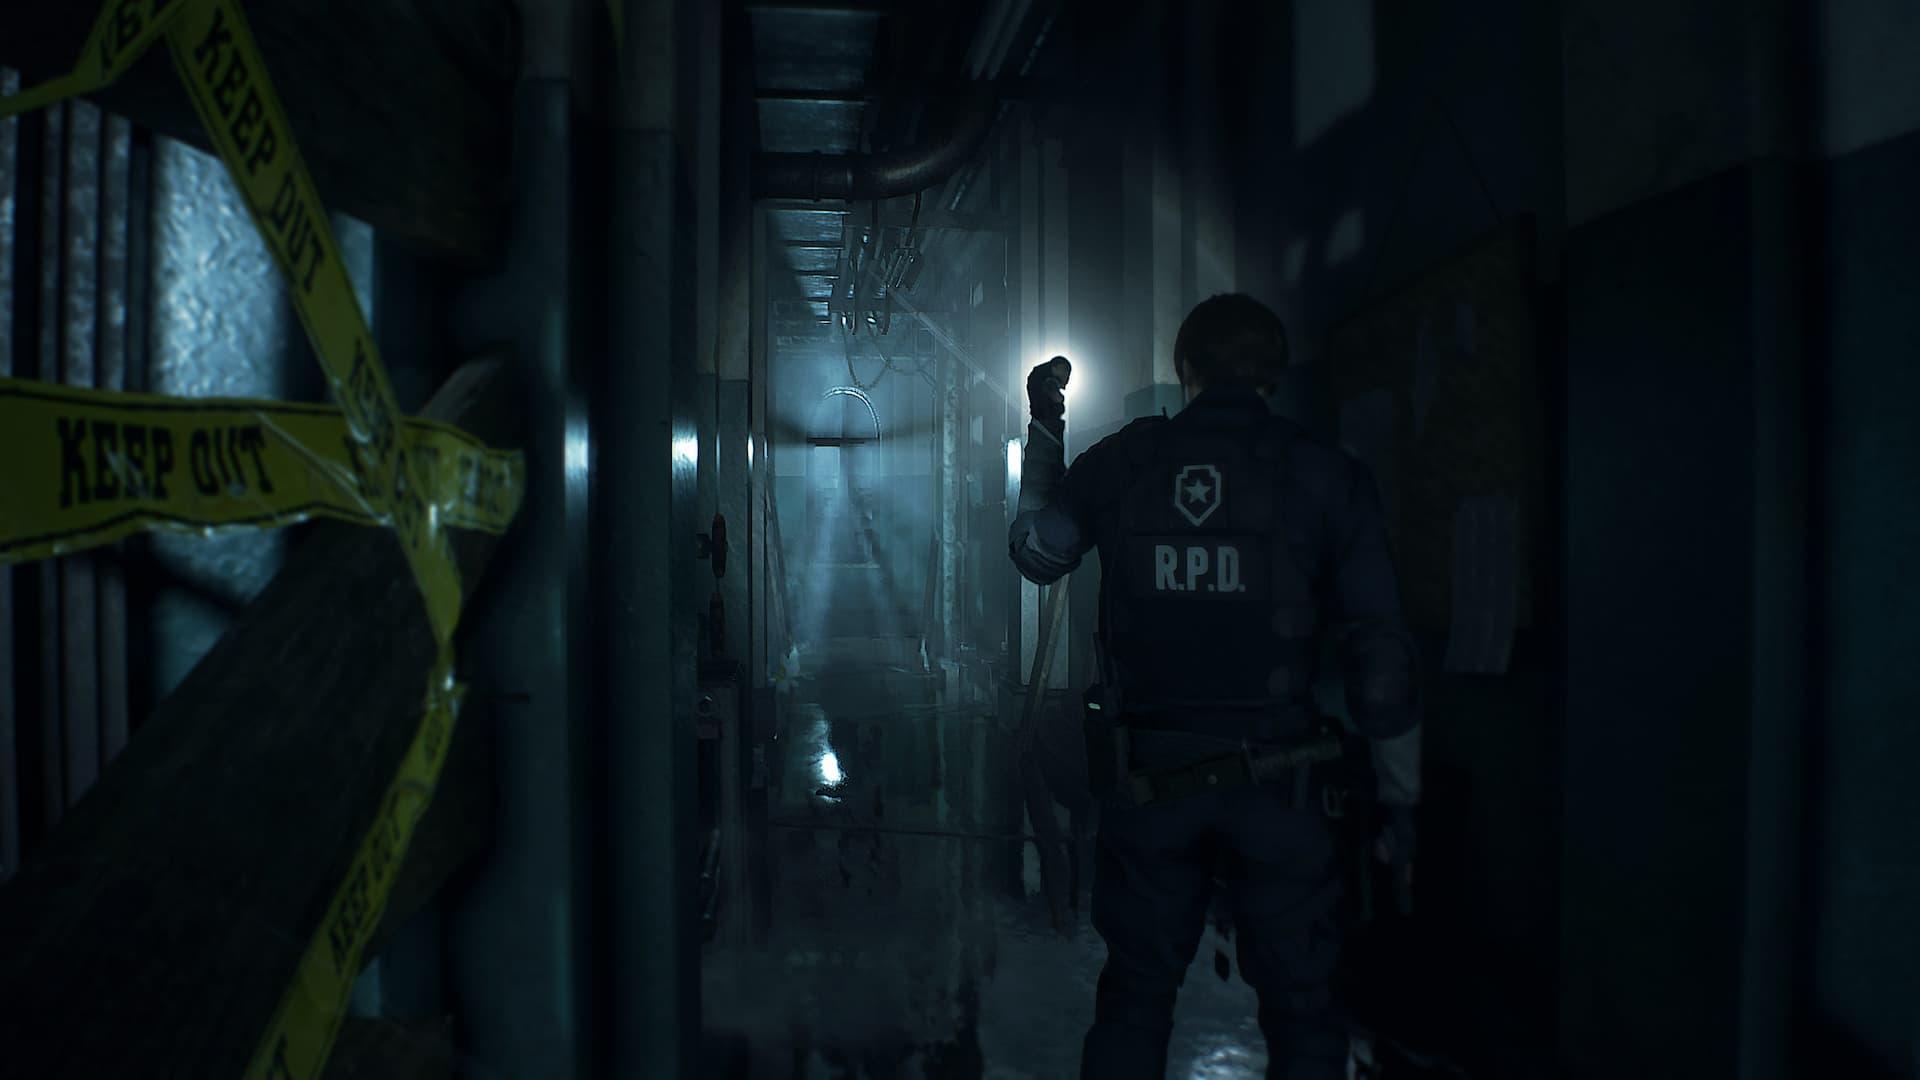 Leon em um corredor